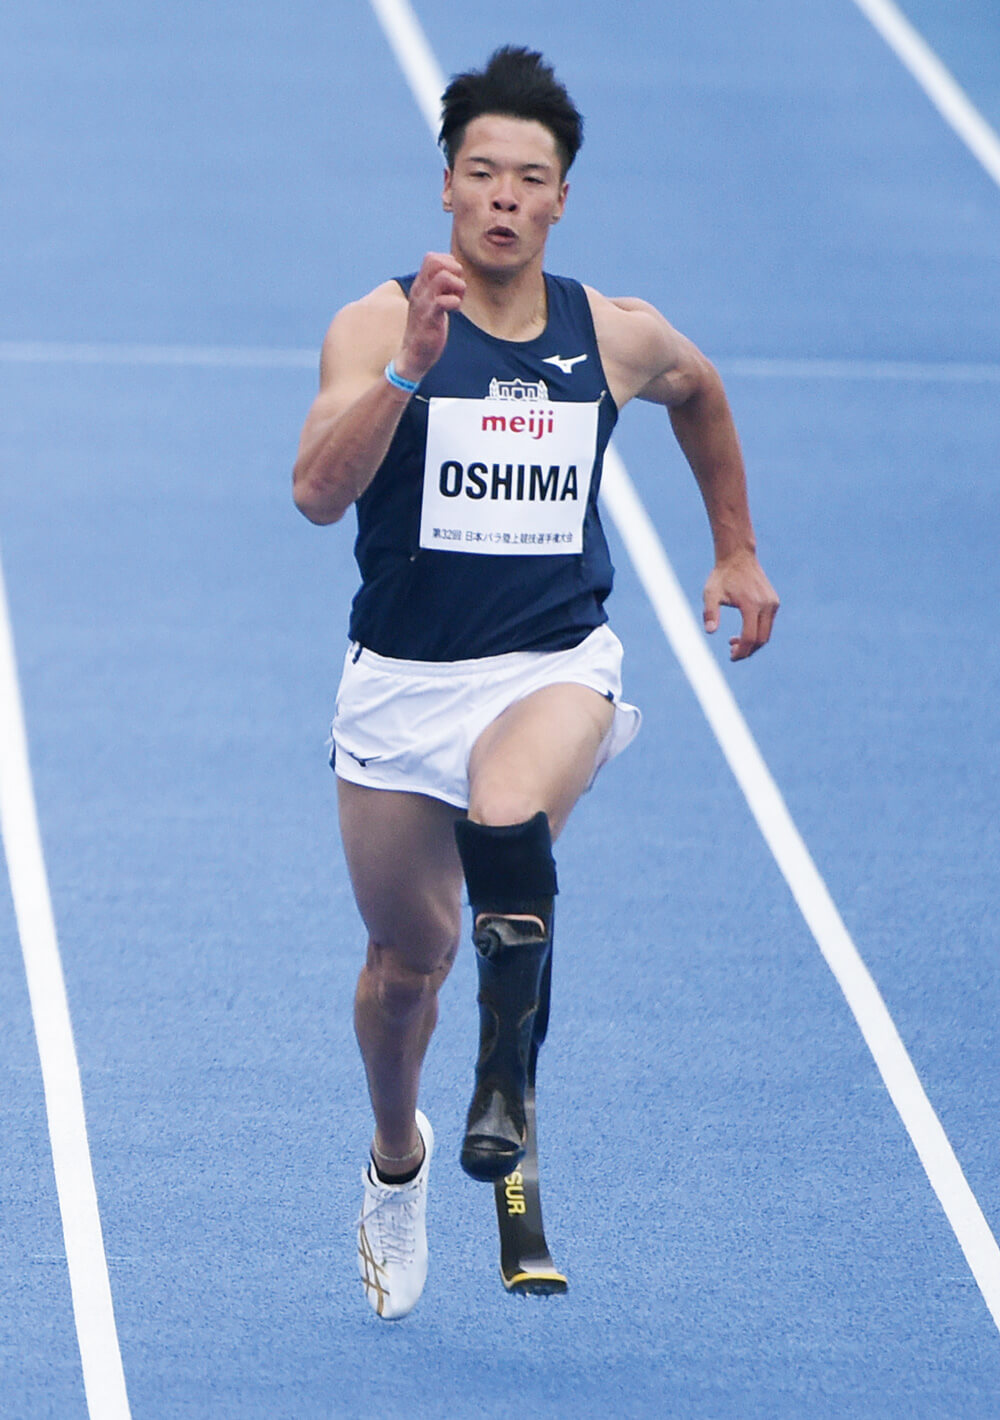 パラ陸上/大島健吾選手が競技場のトラックで走る写真(全身)